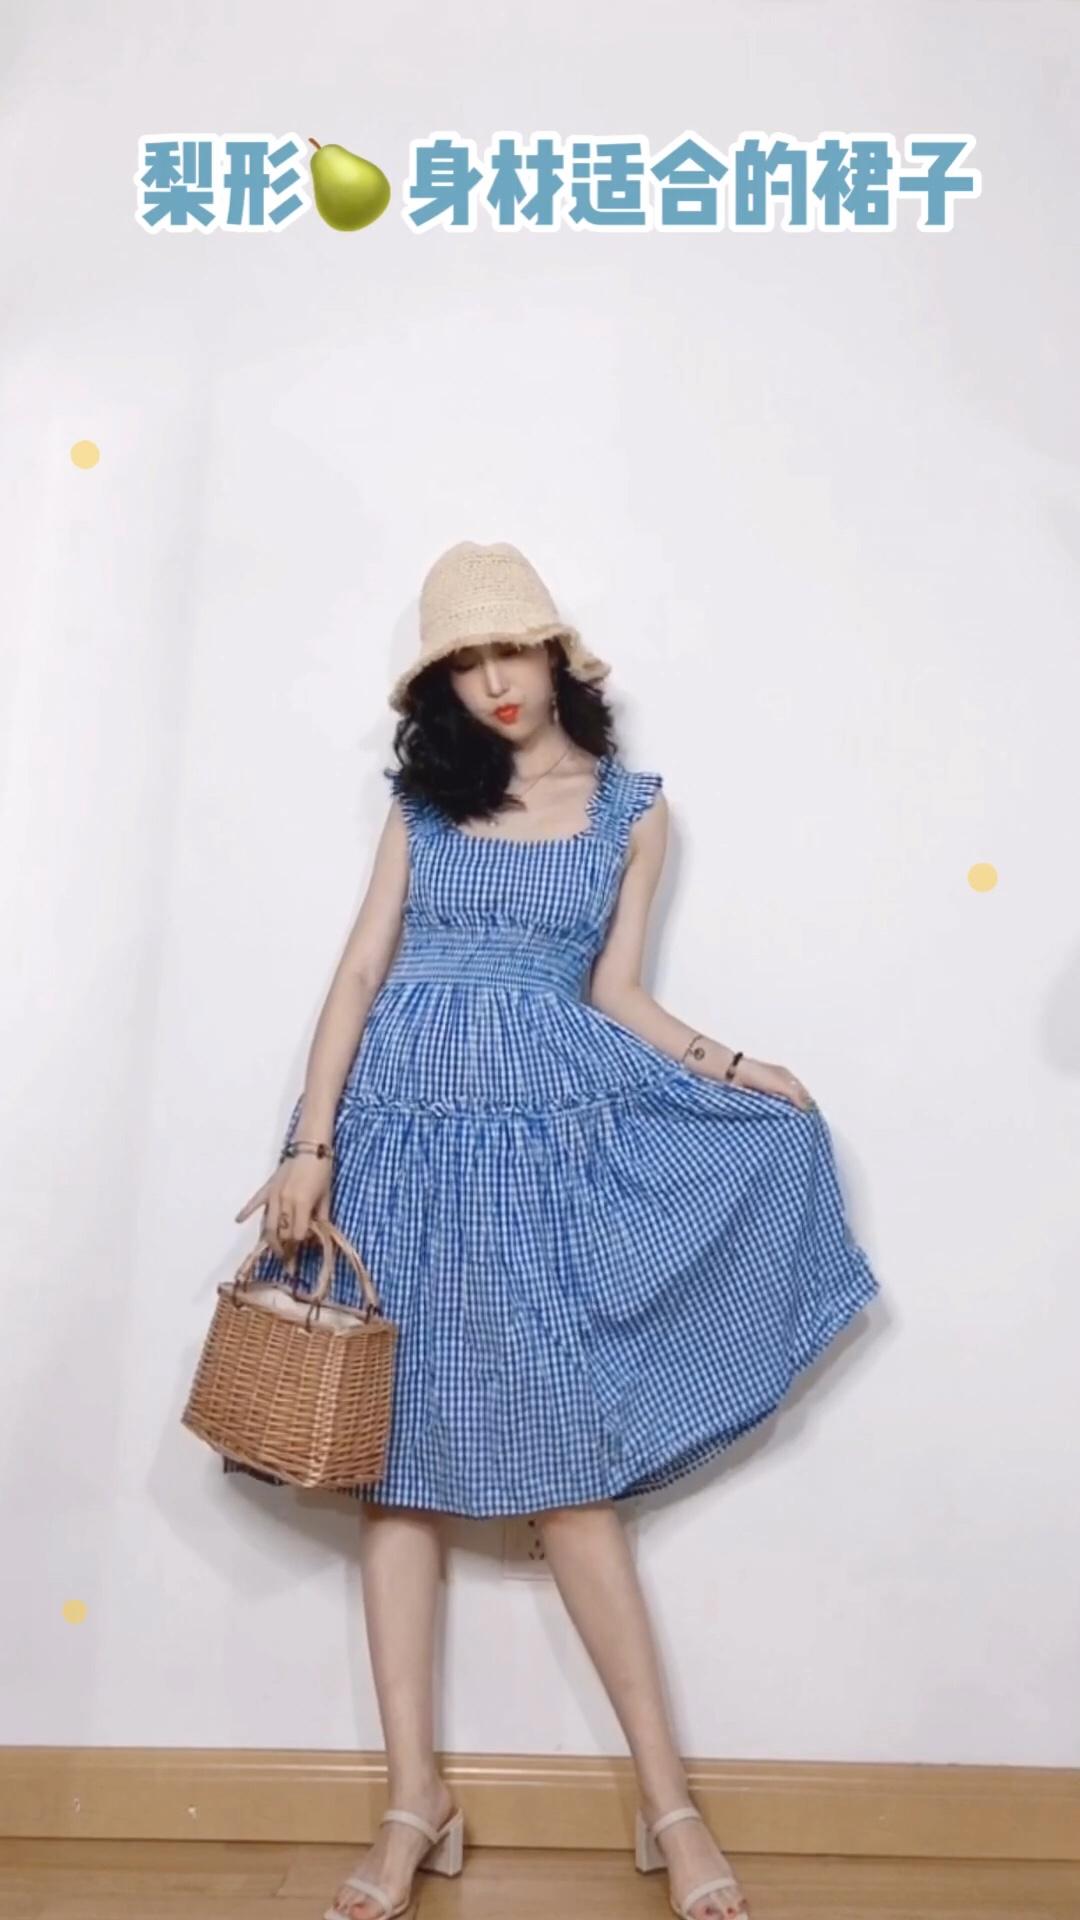 #今夏初恋蓝,白出1个度# 来自韩国的高甜少女品牌。 超级夏天的连衣裙。 高腰收腰帮助小个子拉长比例。 长款的裙摆,相当藏肉哟